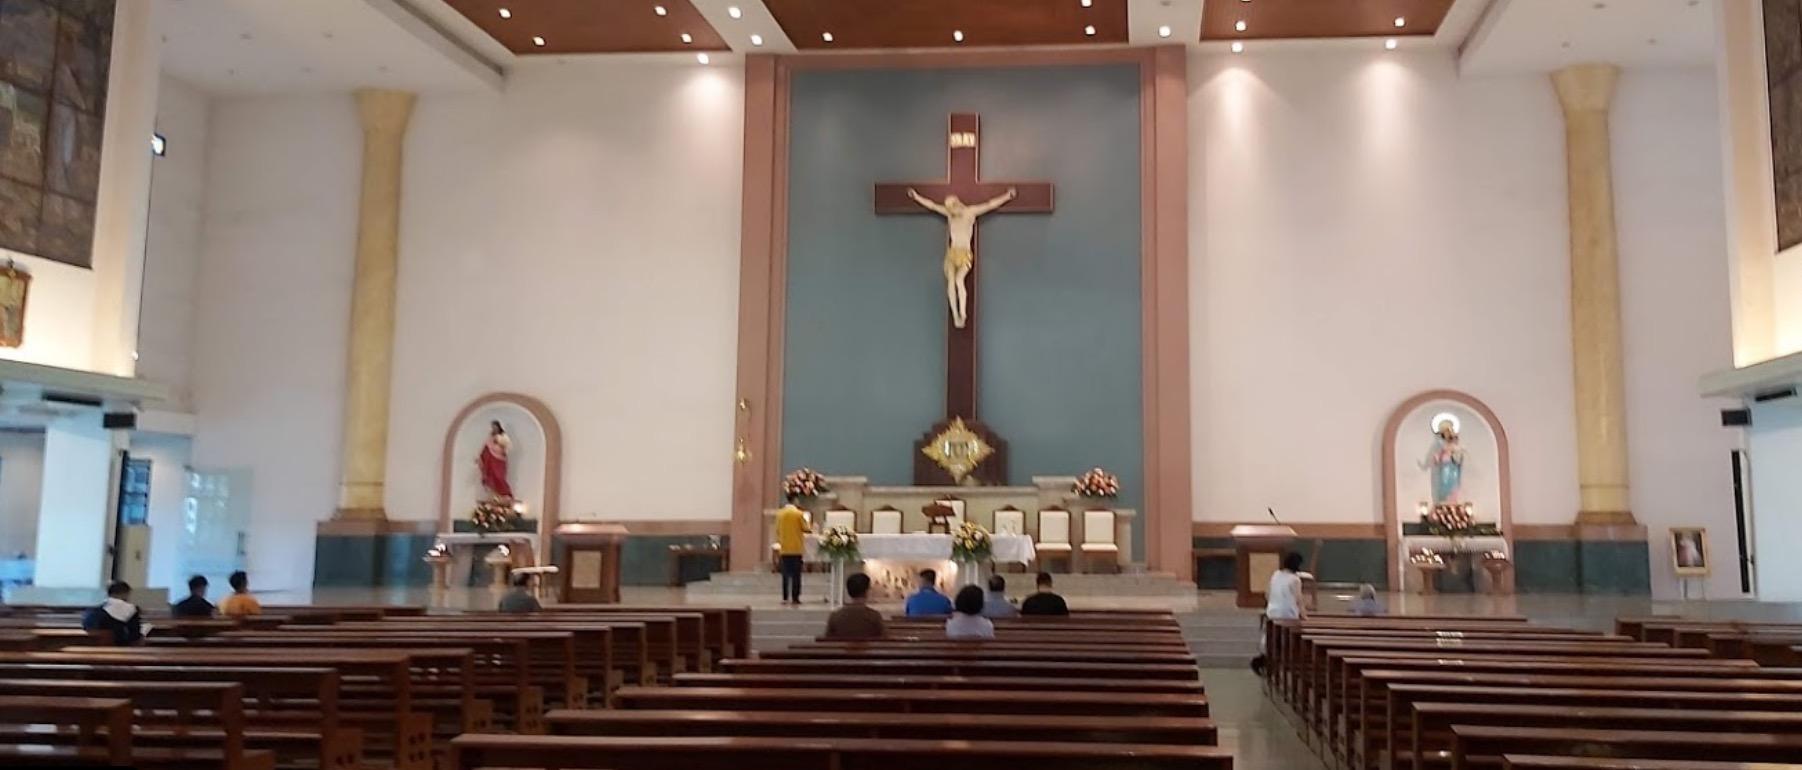 Gottesdienst in neuer Kirche